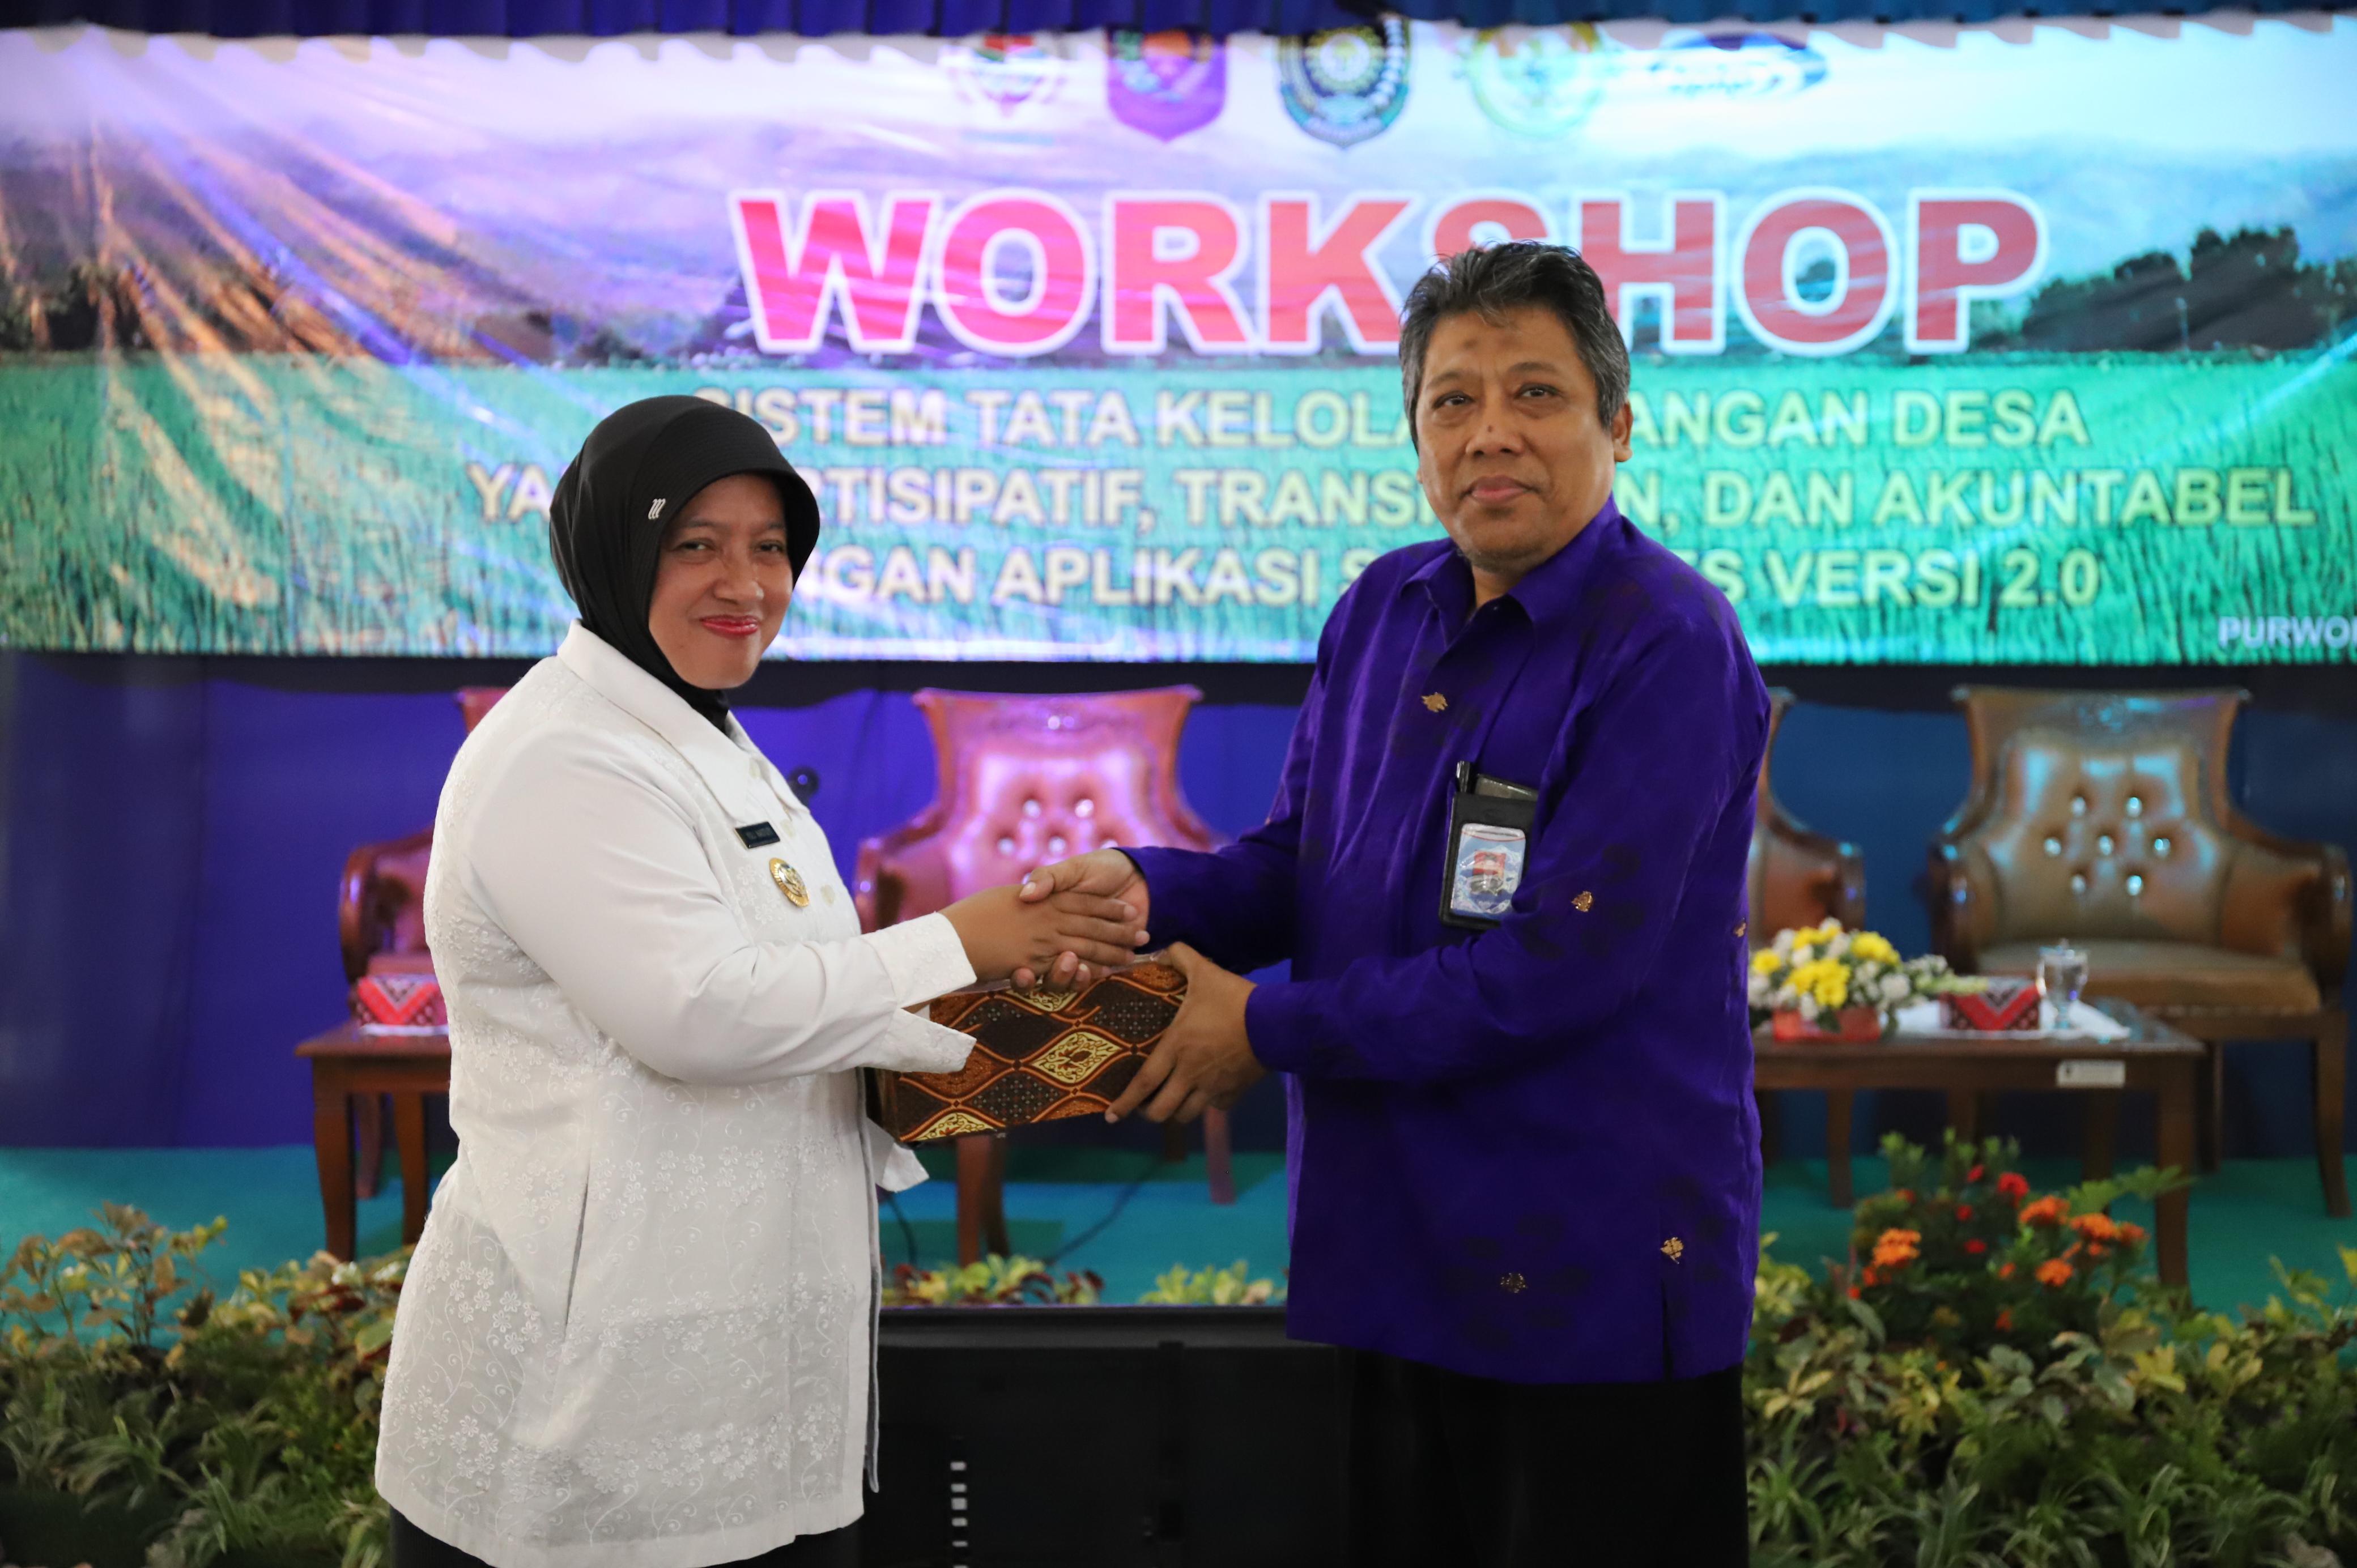 Kades Dituntut Akuntabel dan Transparan Kelola Dana Desa